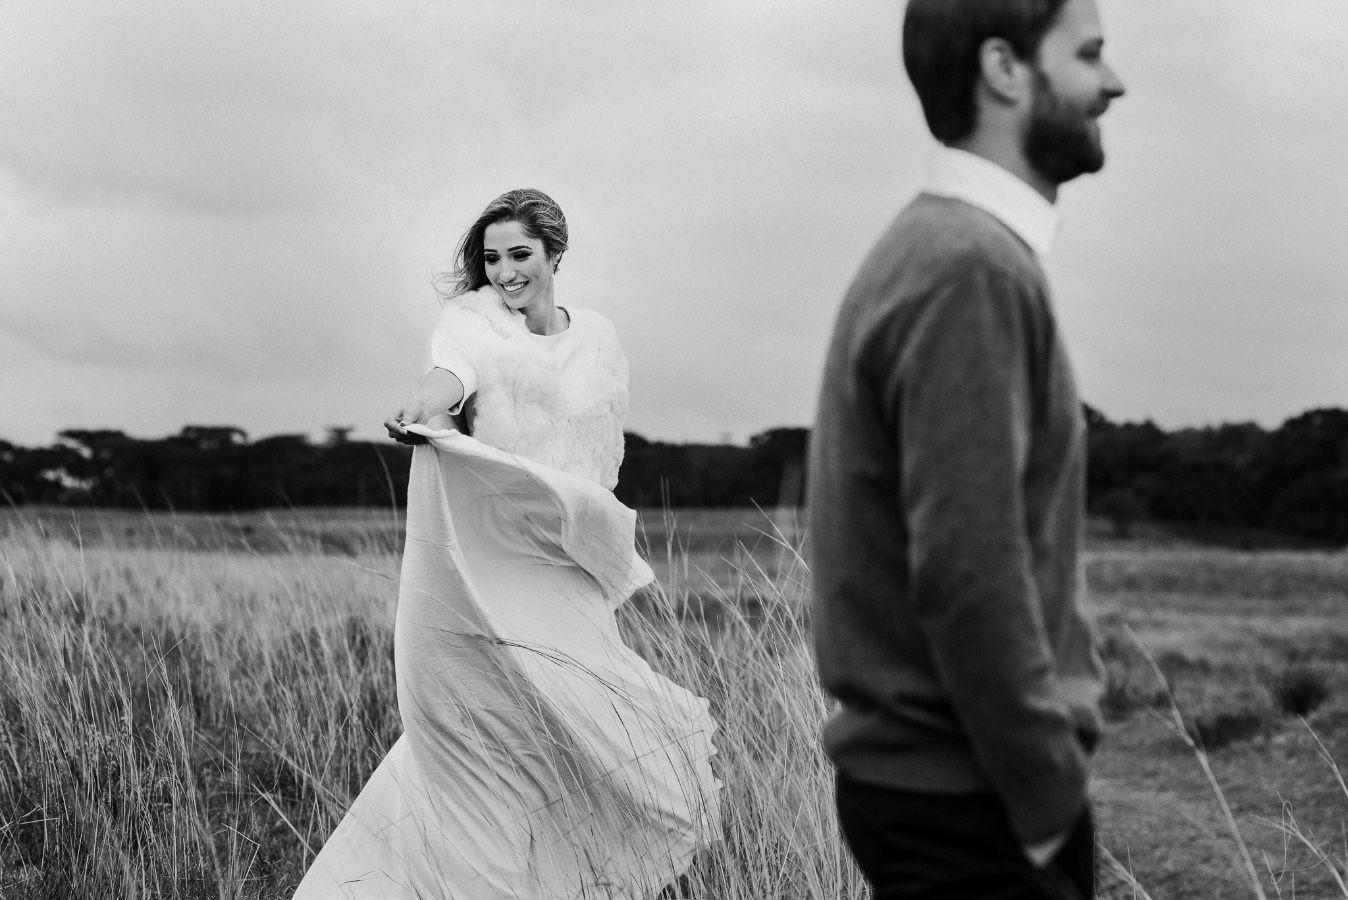 1767d17ca-b6c5-4fdb-827b-cab87005d171 Pré Wedding no interior gaúcho - Nicole e Rafael | Inspire-se